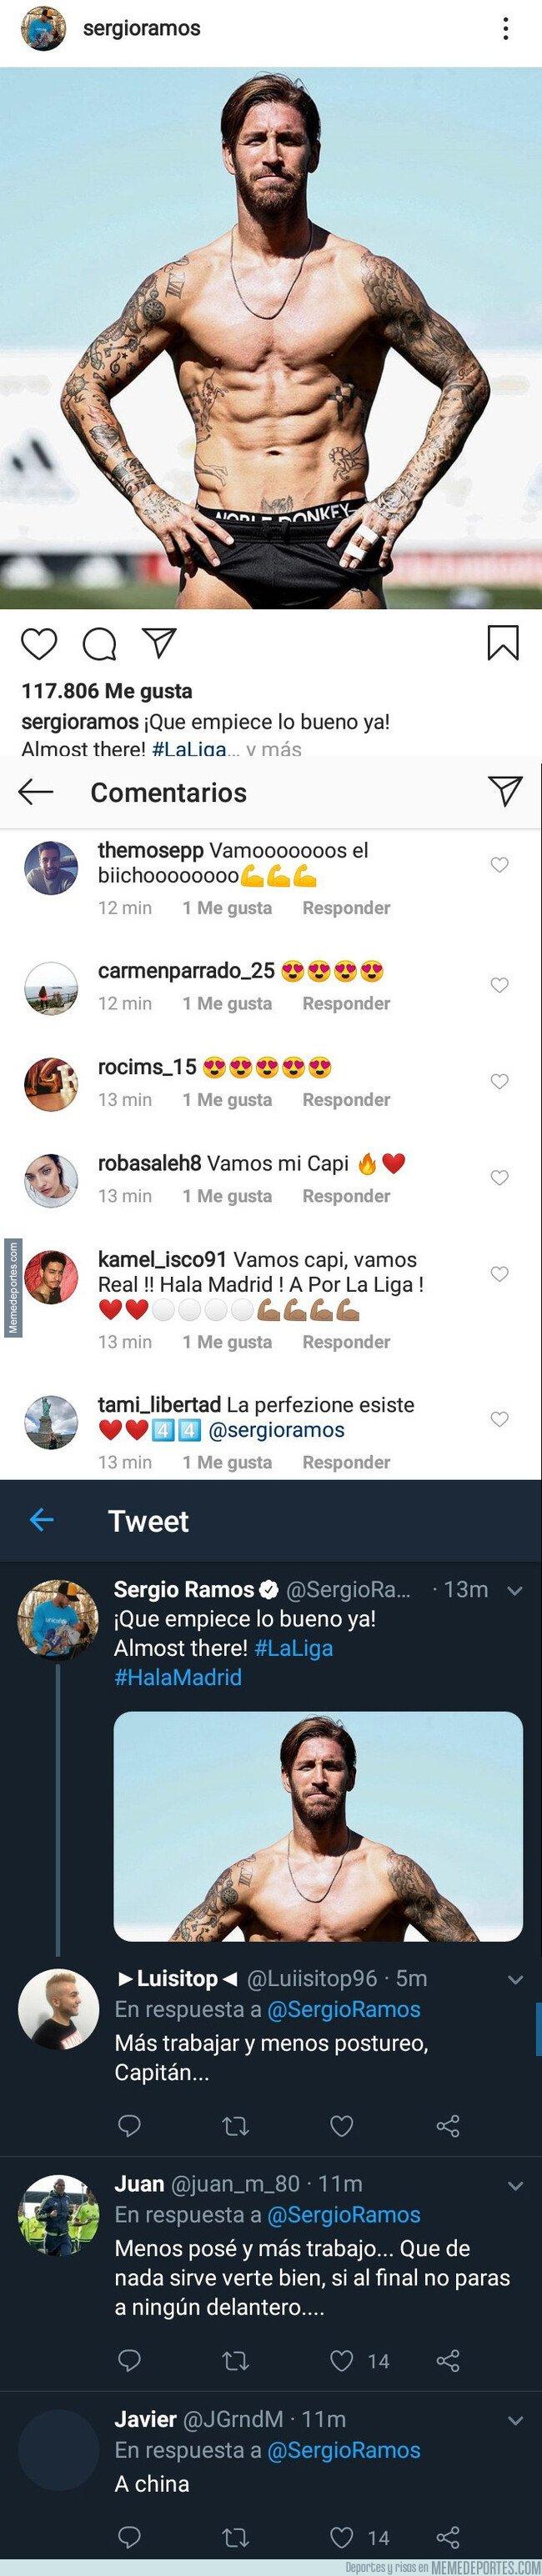 1083536 - Sergio Ramos sube esta foto marcando musculitos y esta es la diferencia de comentarios que recibe en Instagram y en Twitter